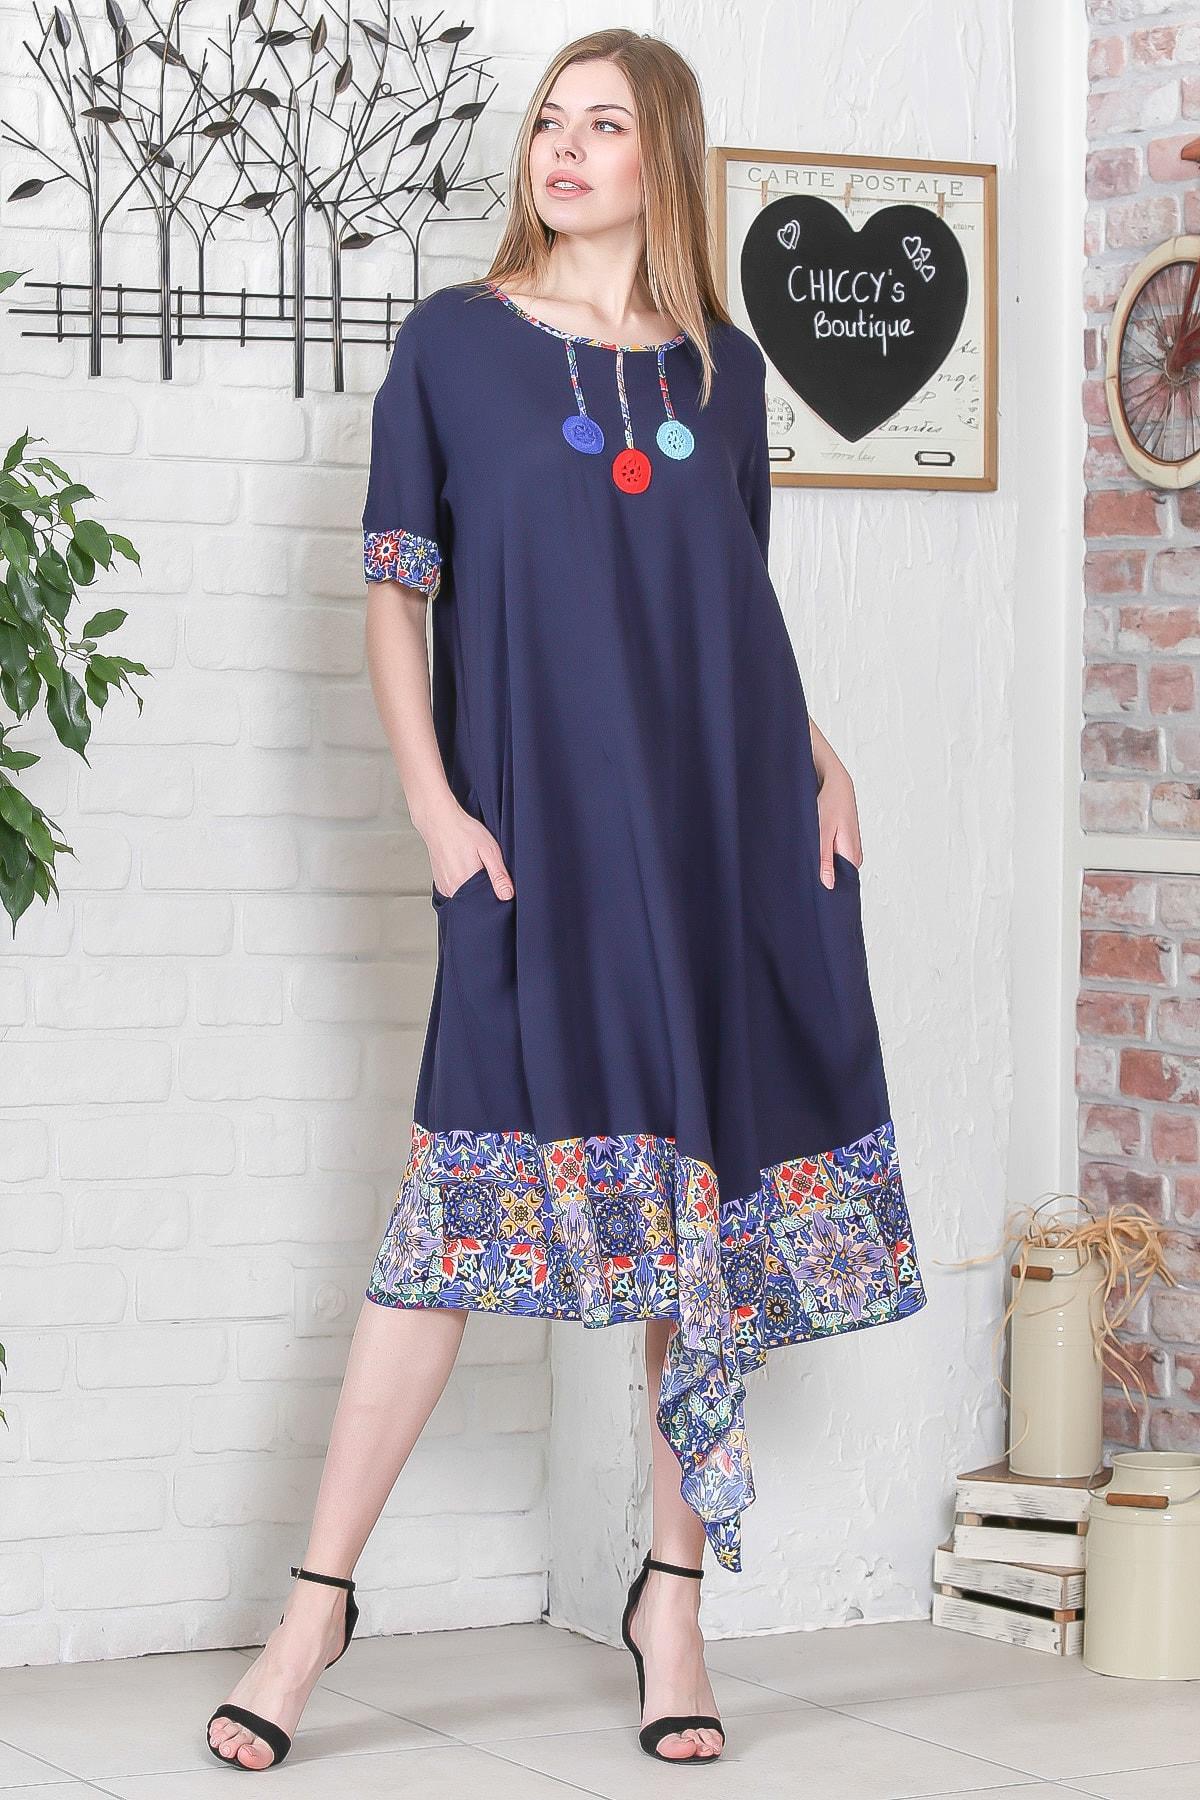 Chiccy Kadın Lacivert El İşi Çiçek İşlemeli Kol Ve Etek Ucu Çini Desen Bloklu Cepli Elbise M10160000EL95276 1